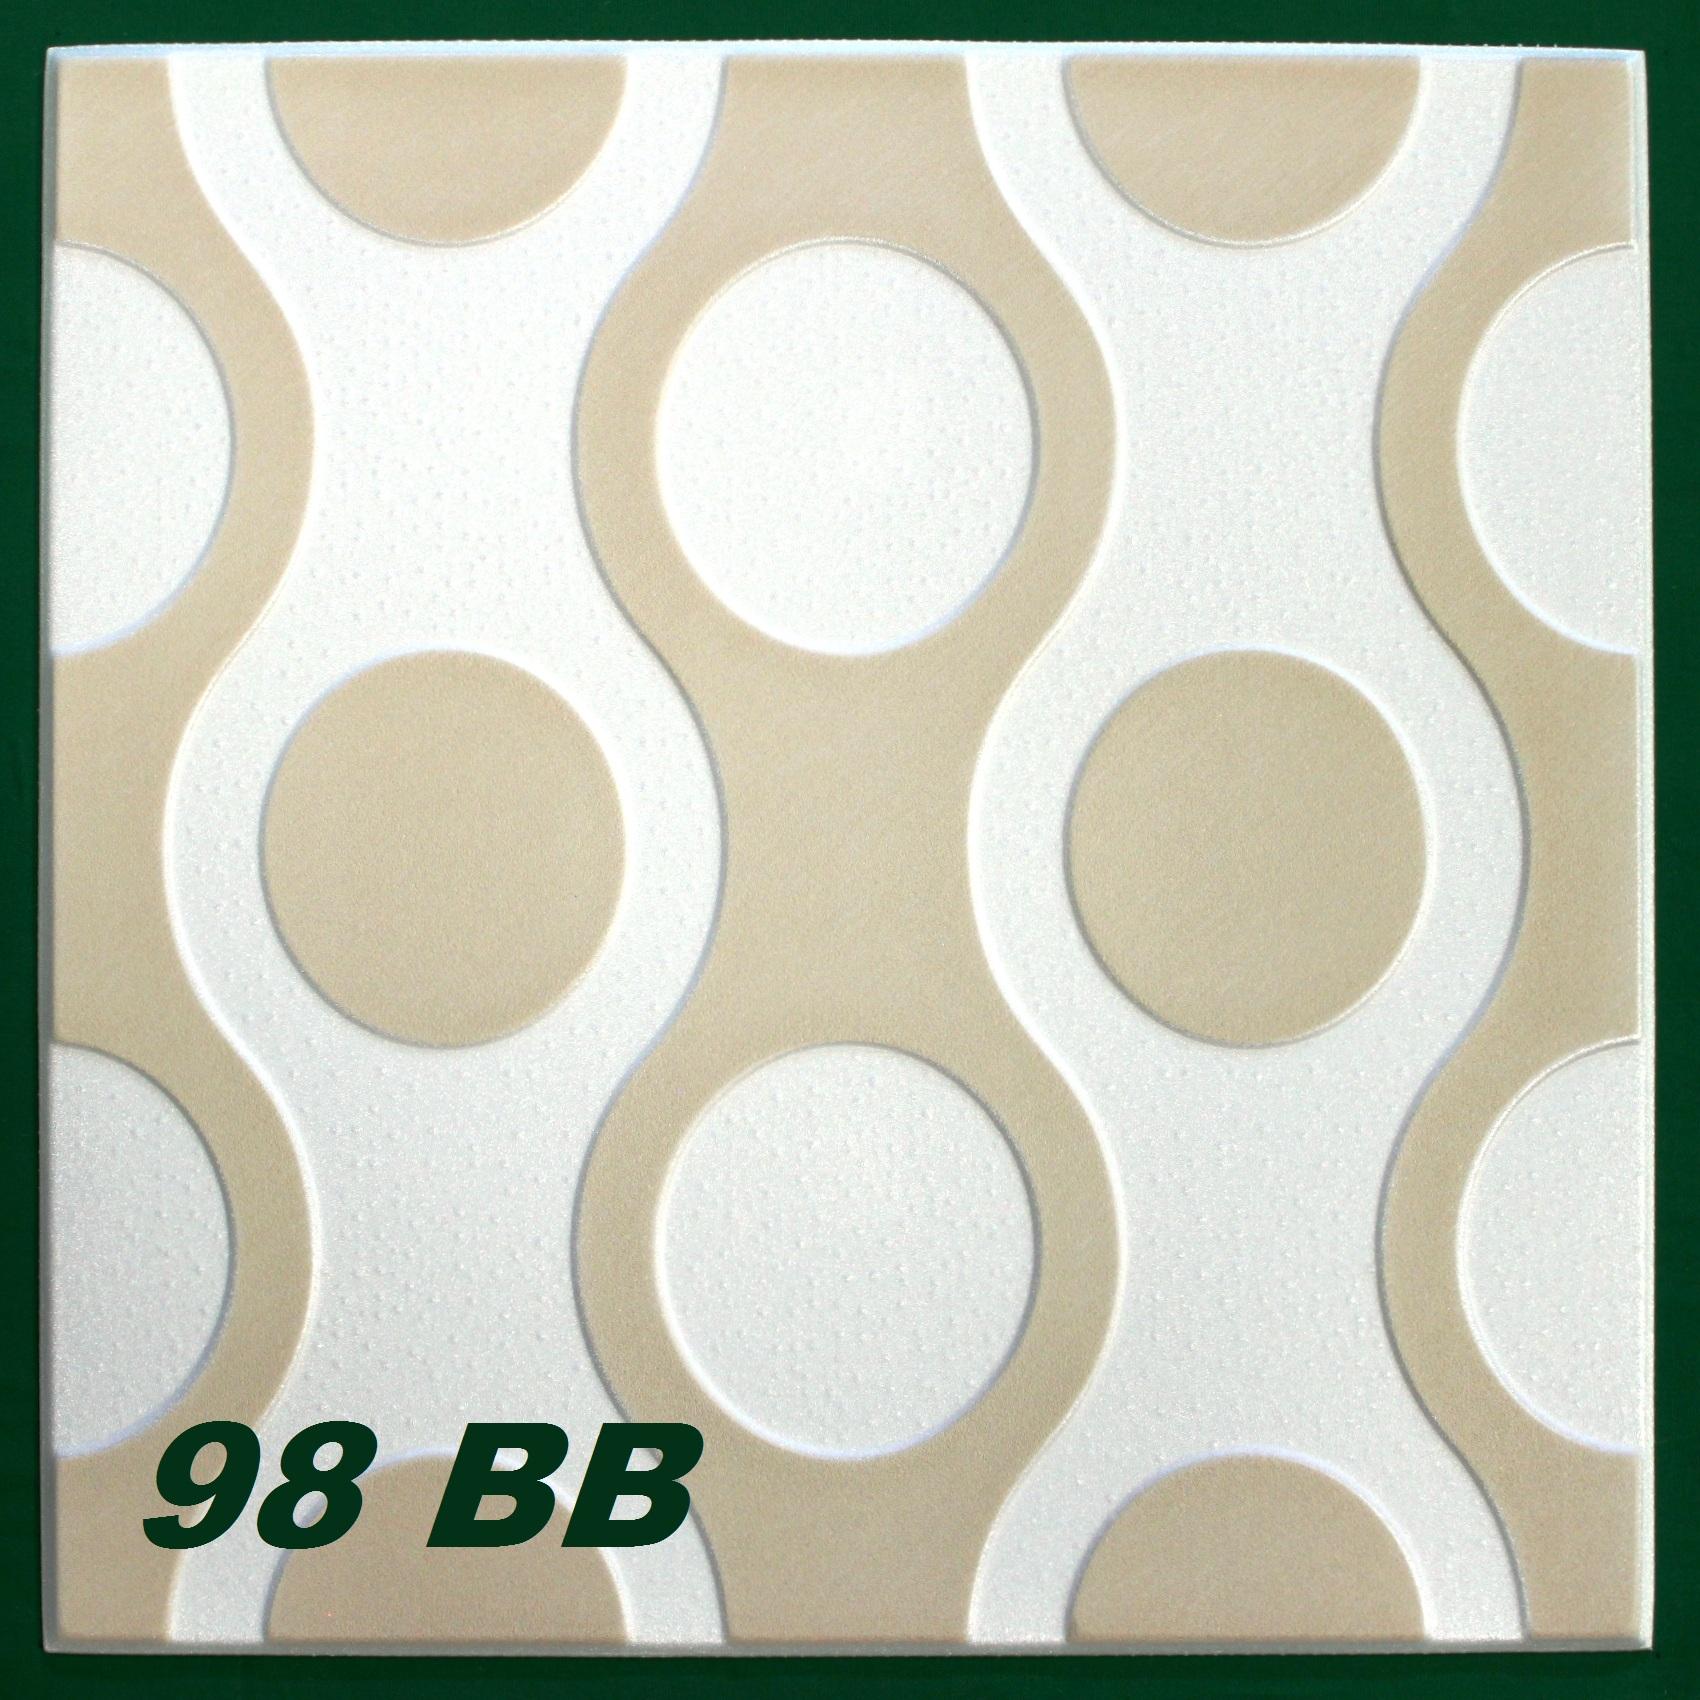 1 m2 panneaux pour plafond plaques en polystyr ne plinthes for Peindre plaque polystyrene plafond